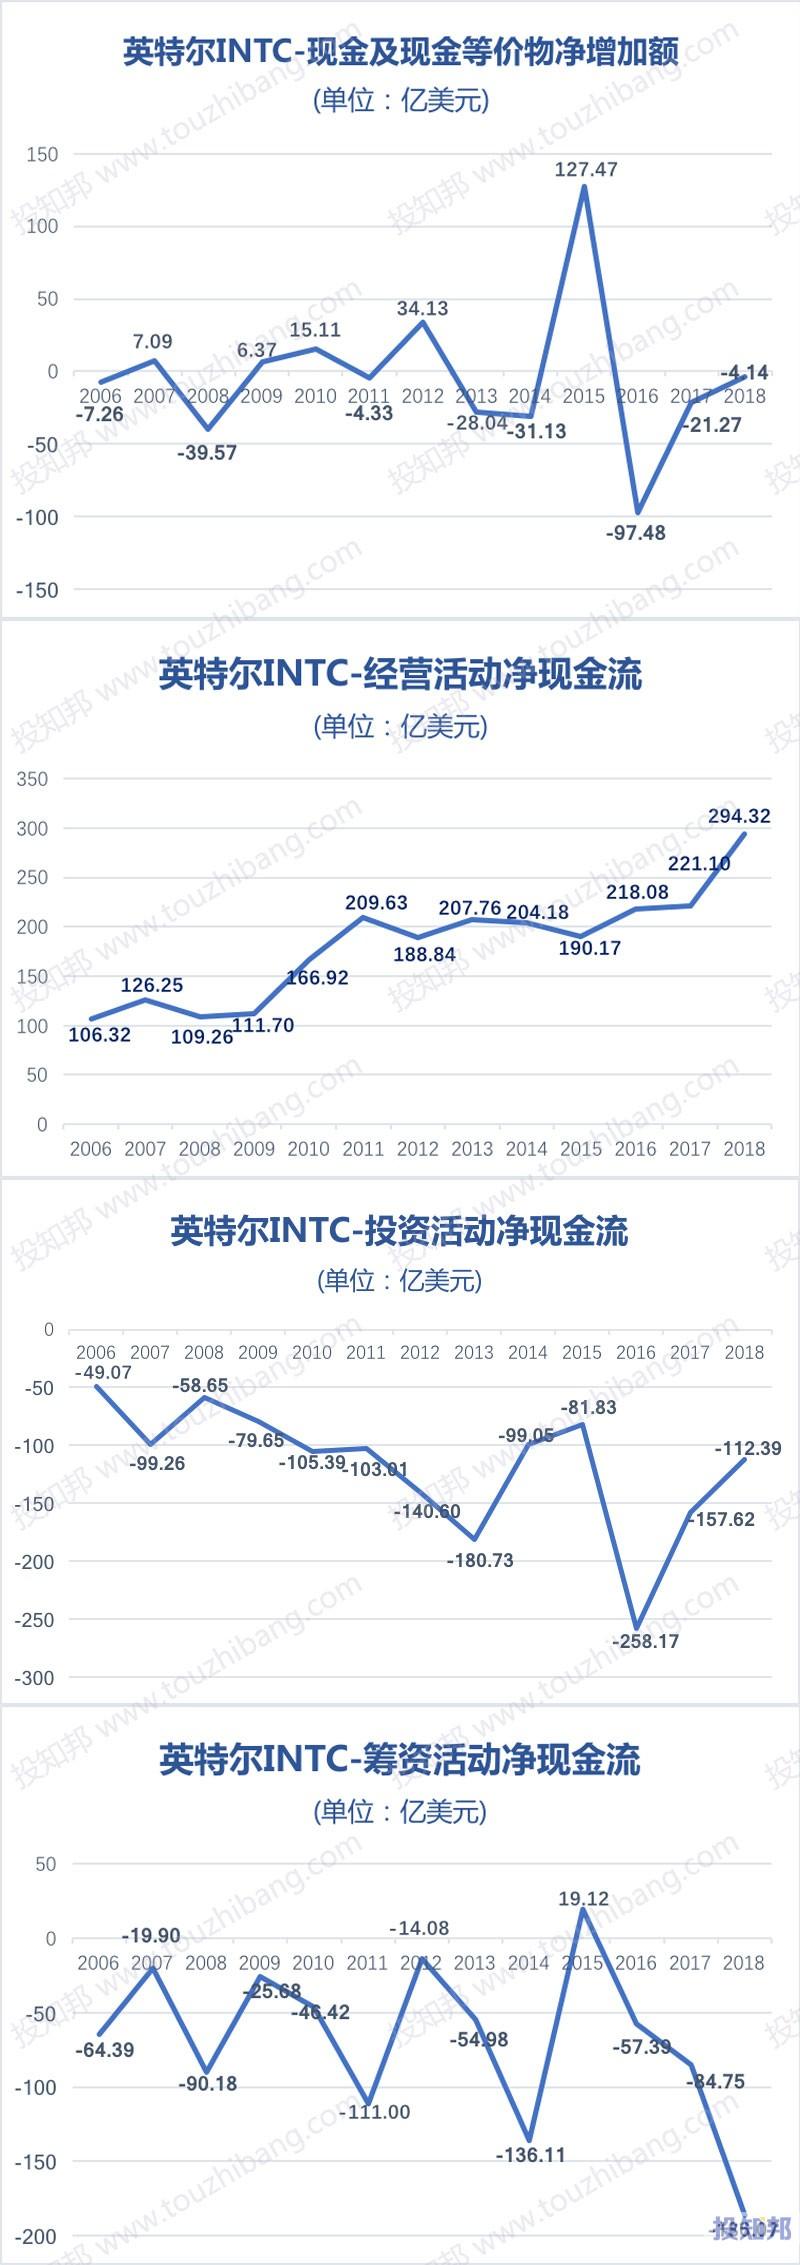 图解英特尔(INTC)财报数据(2006~2018年,更新)